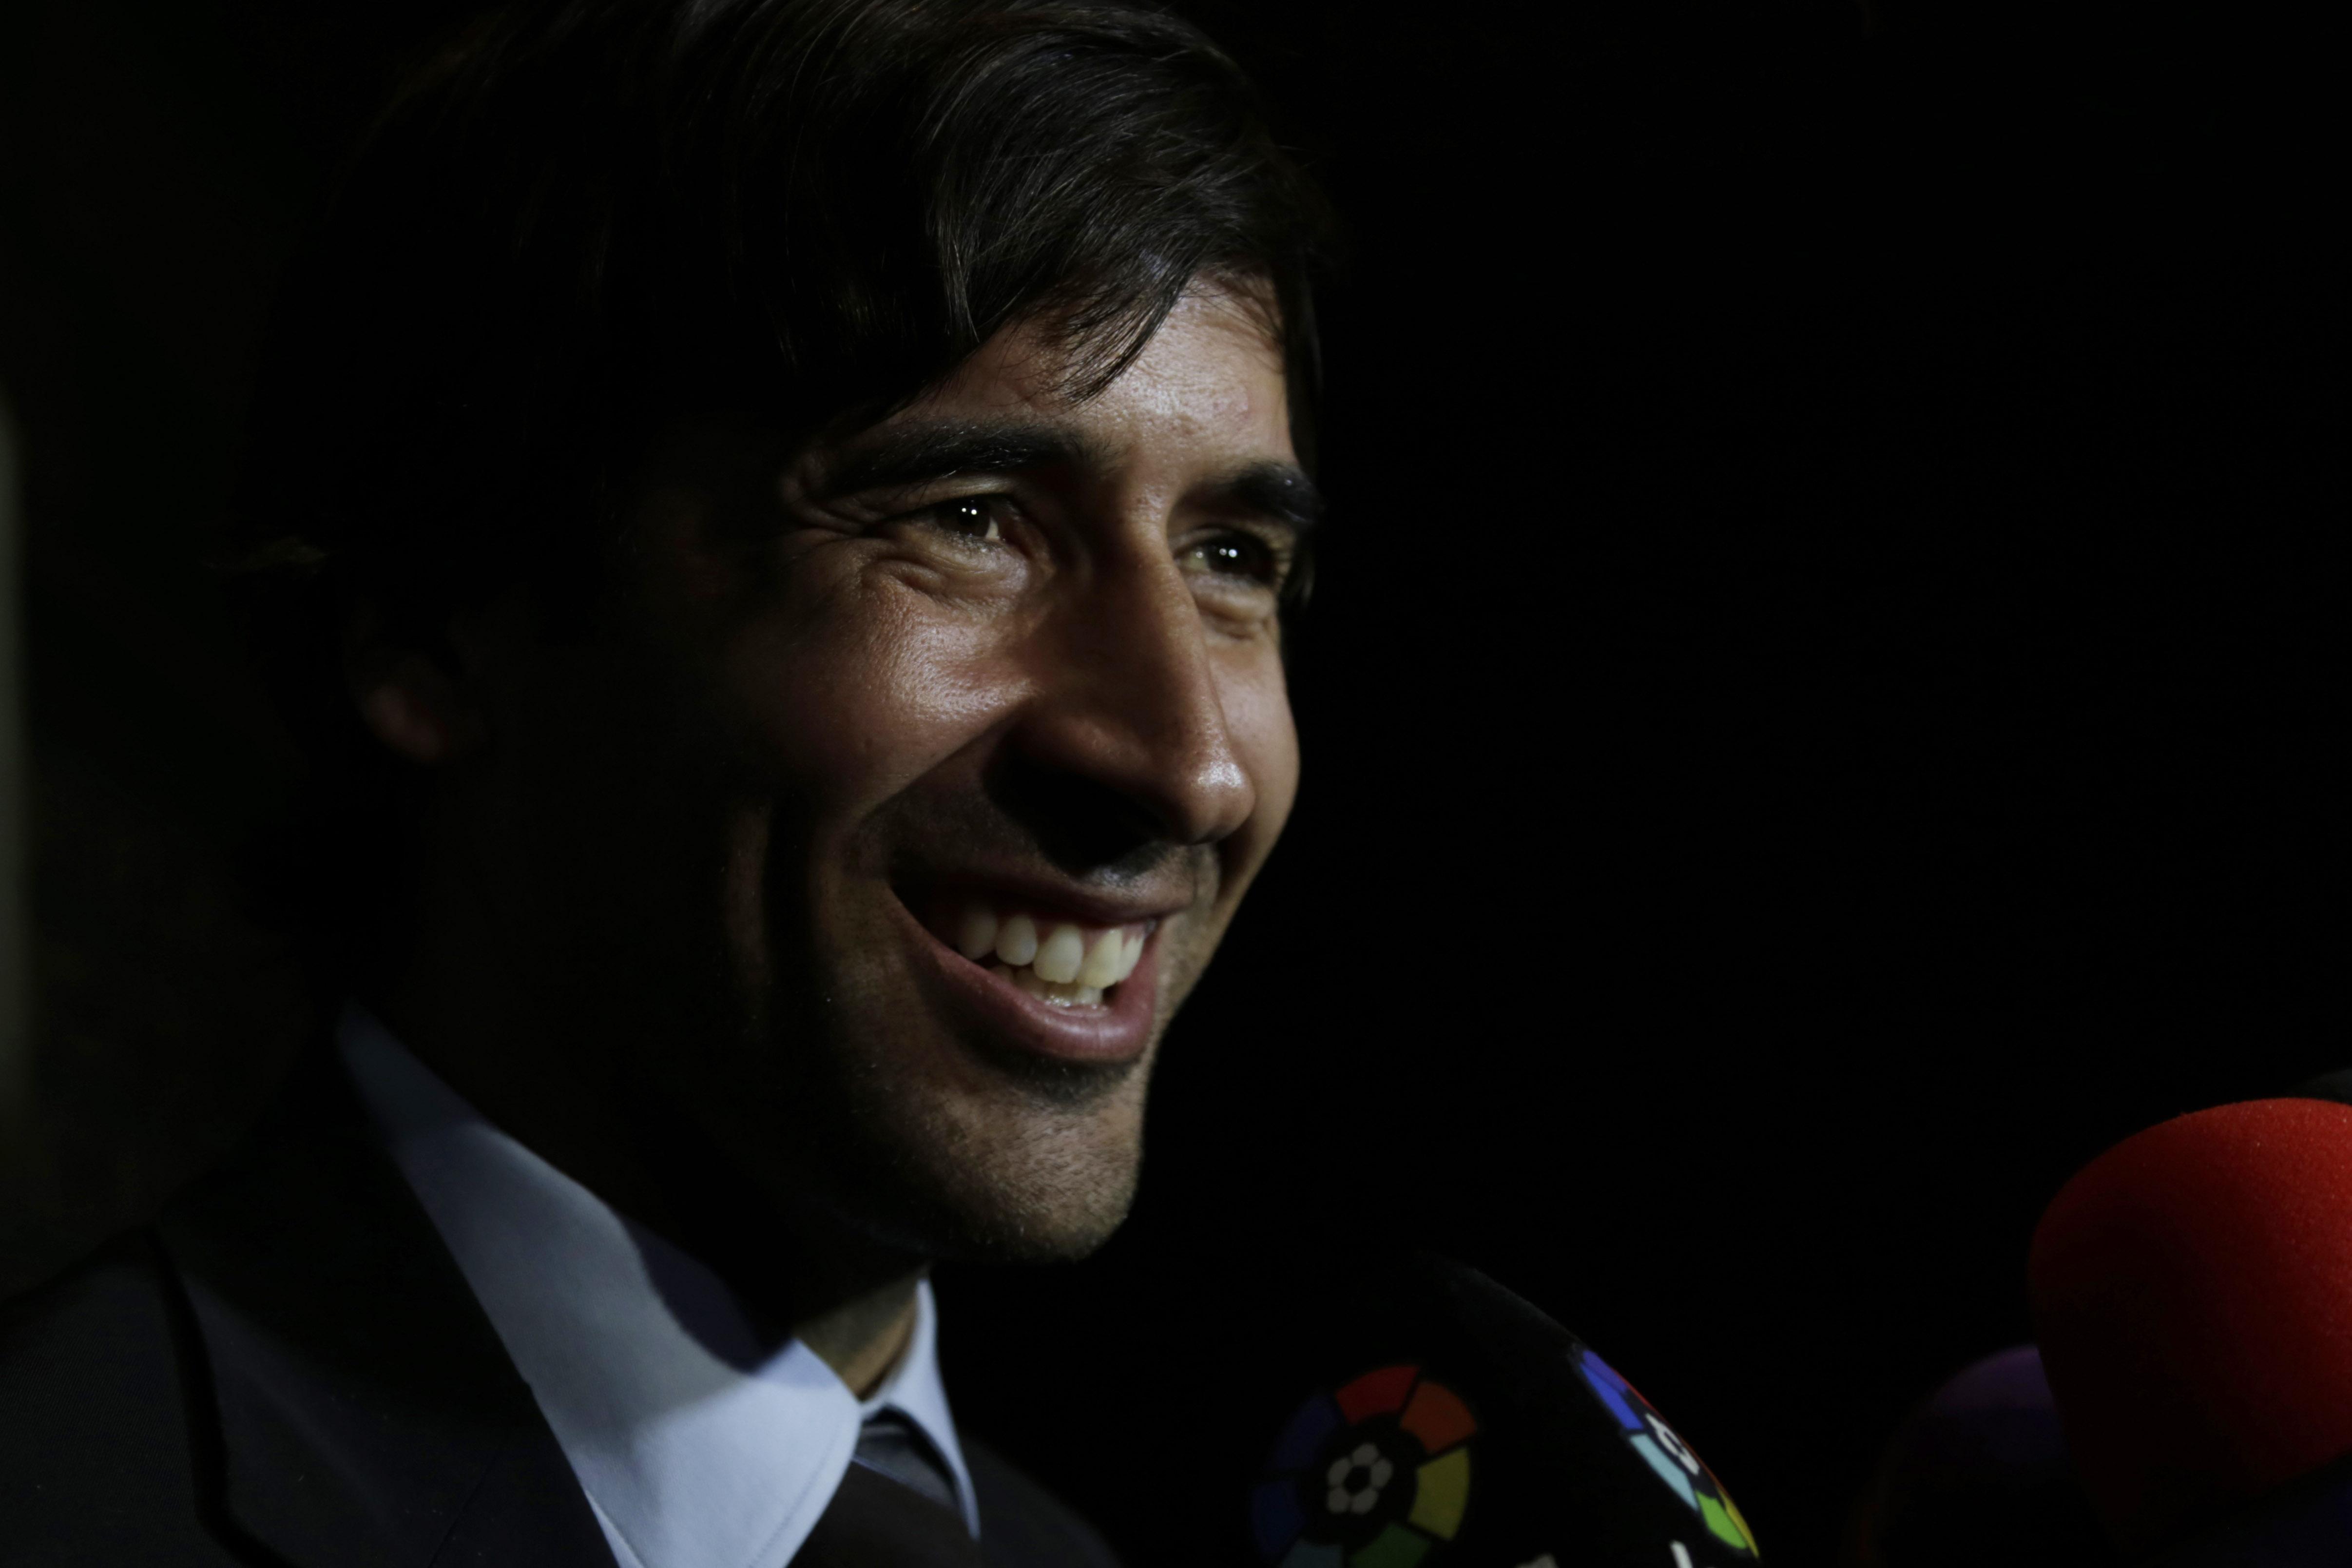 Raul va entraîner la réserve du Real Madrid — Officiel